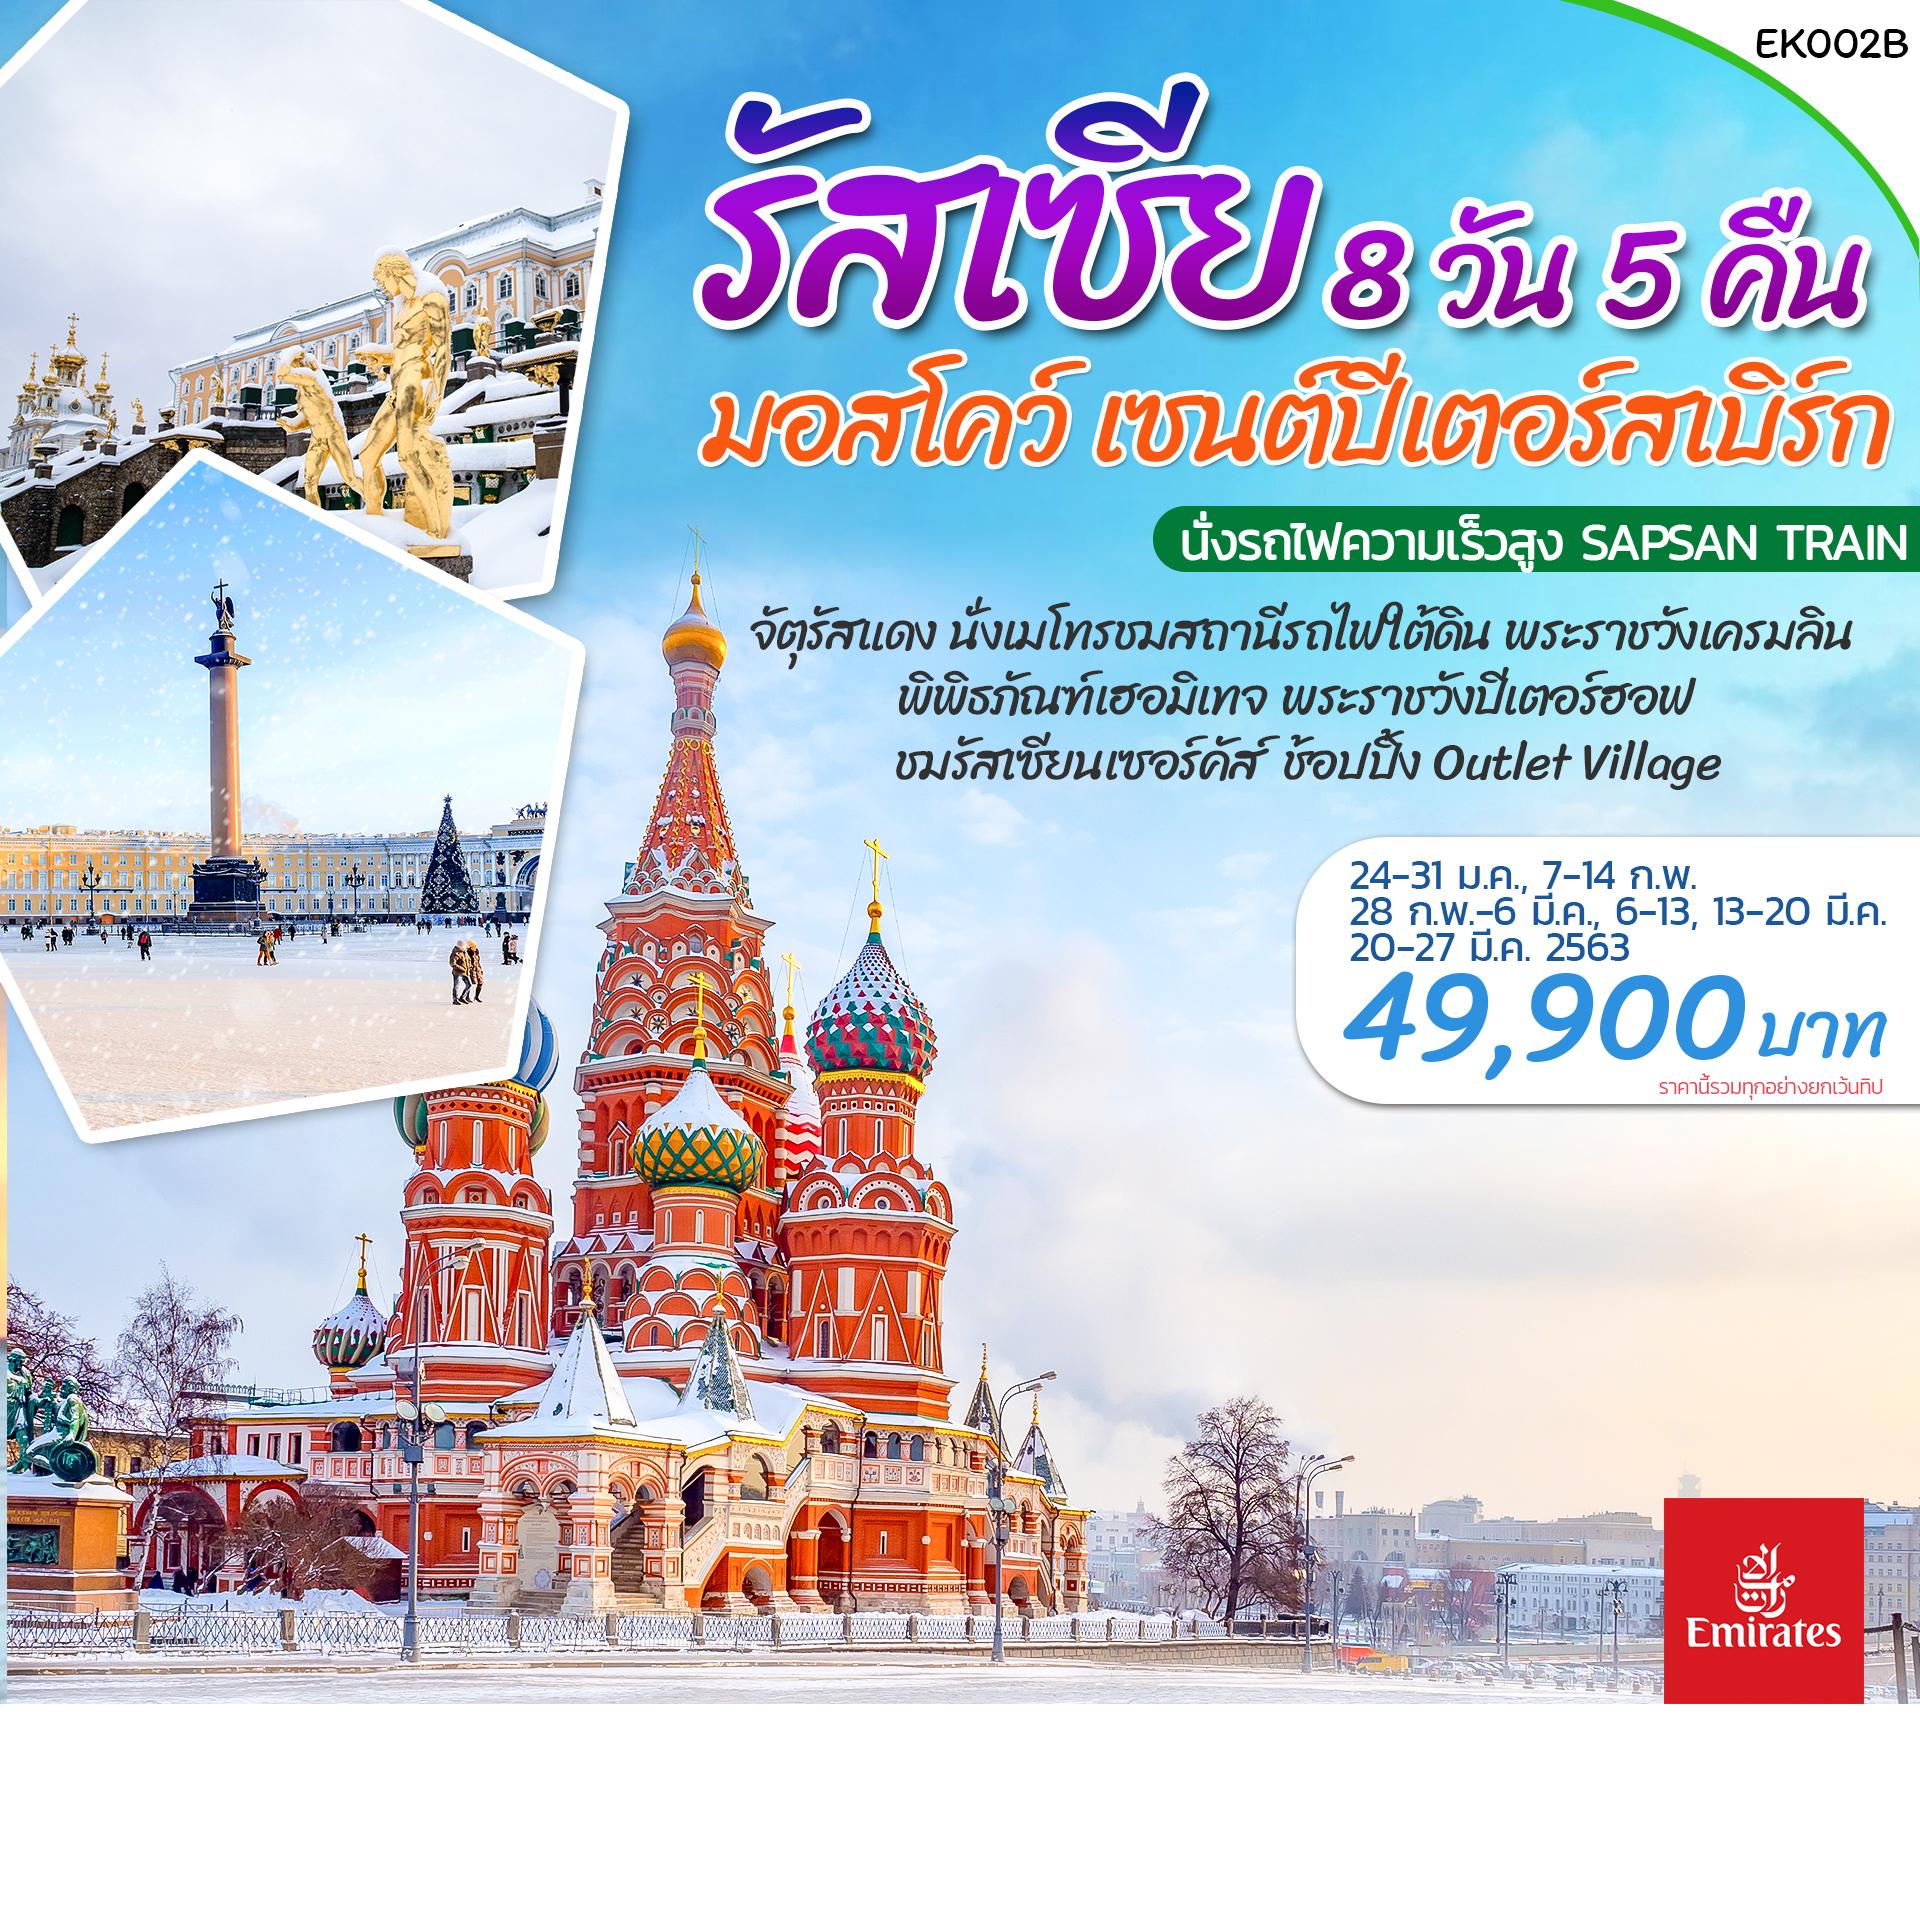 ทัวร์รัสเซีย-Winter_Russia-Moscow-High-Speed-train-8วัน5คืน-(MAR20)(EK002B)